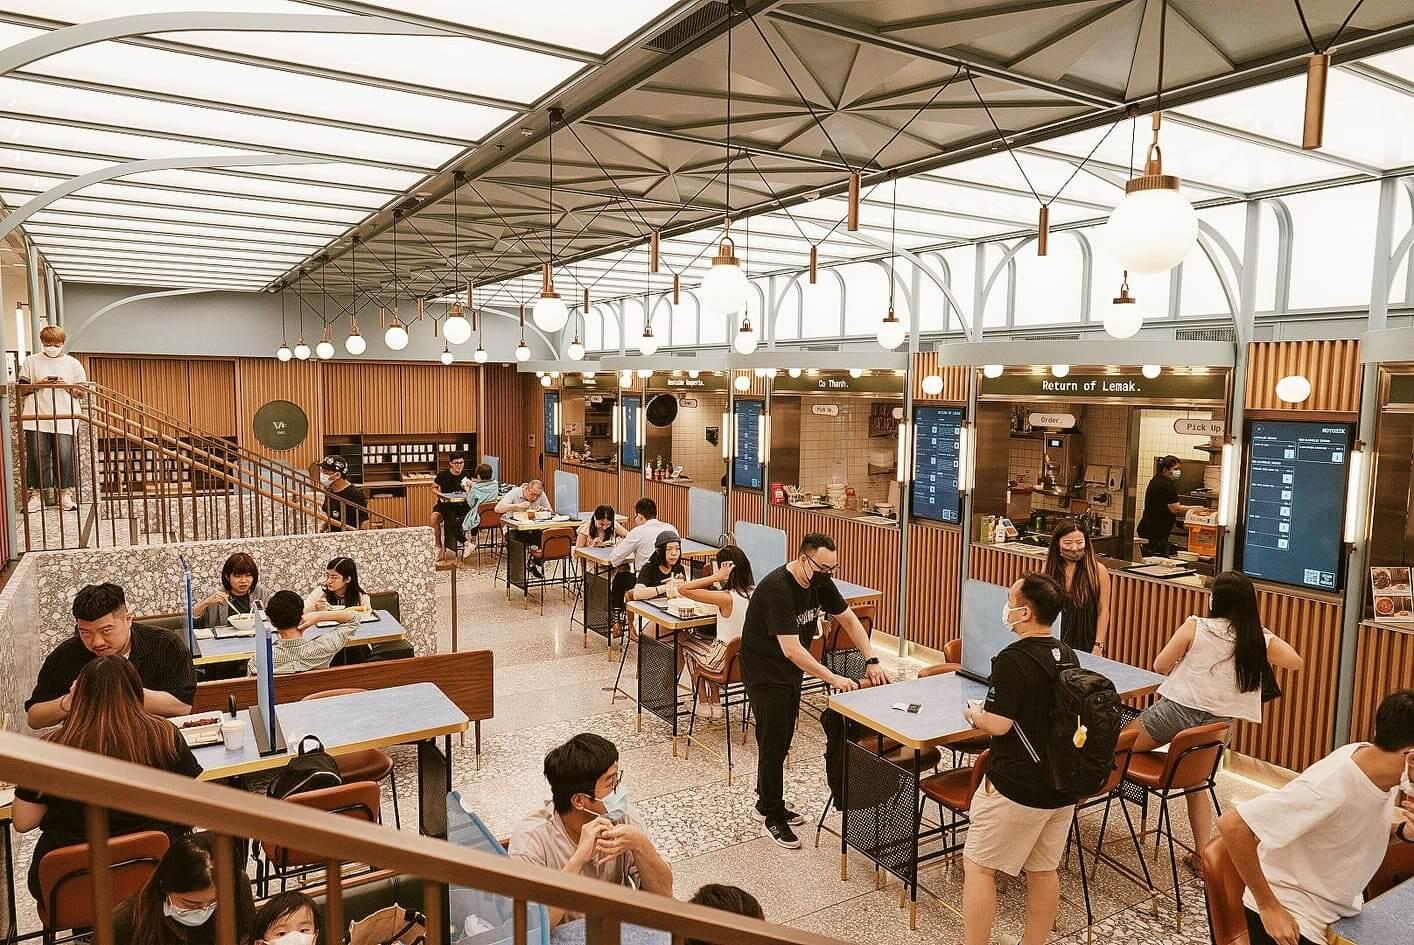 BaseHall設計概念來自1970年代嘅怡和大廈,設計師透過空間布置、燈光等重塑80年代嘅復古風情。